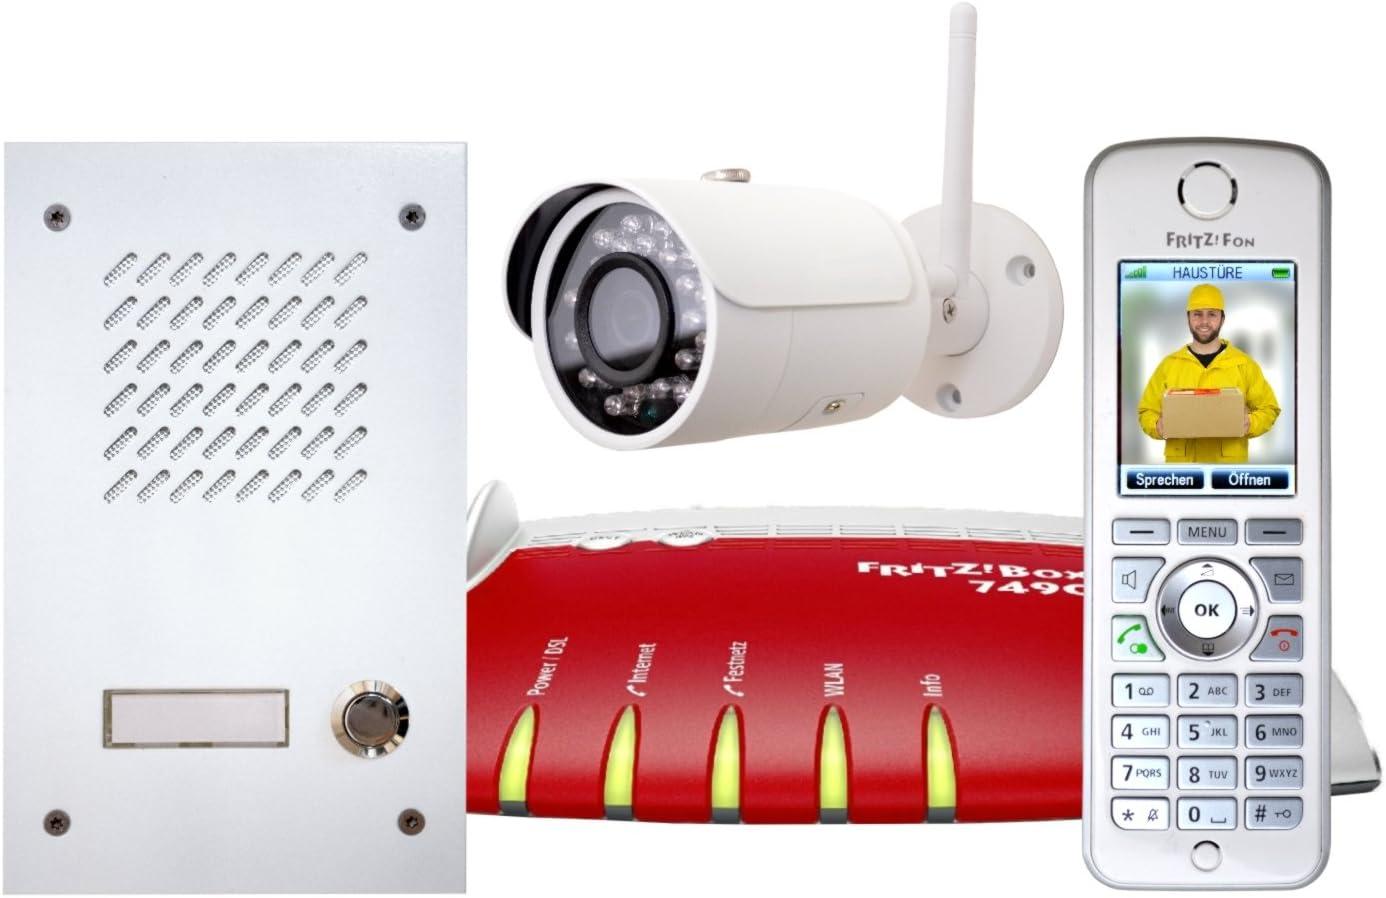 L Tek Full Hd Ip Kamera Lc30 Für Fritzbox 3mp Wifi Aussenkamera Haustür Überwachung Elektronik